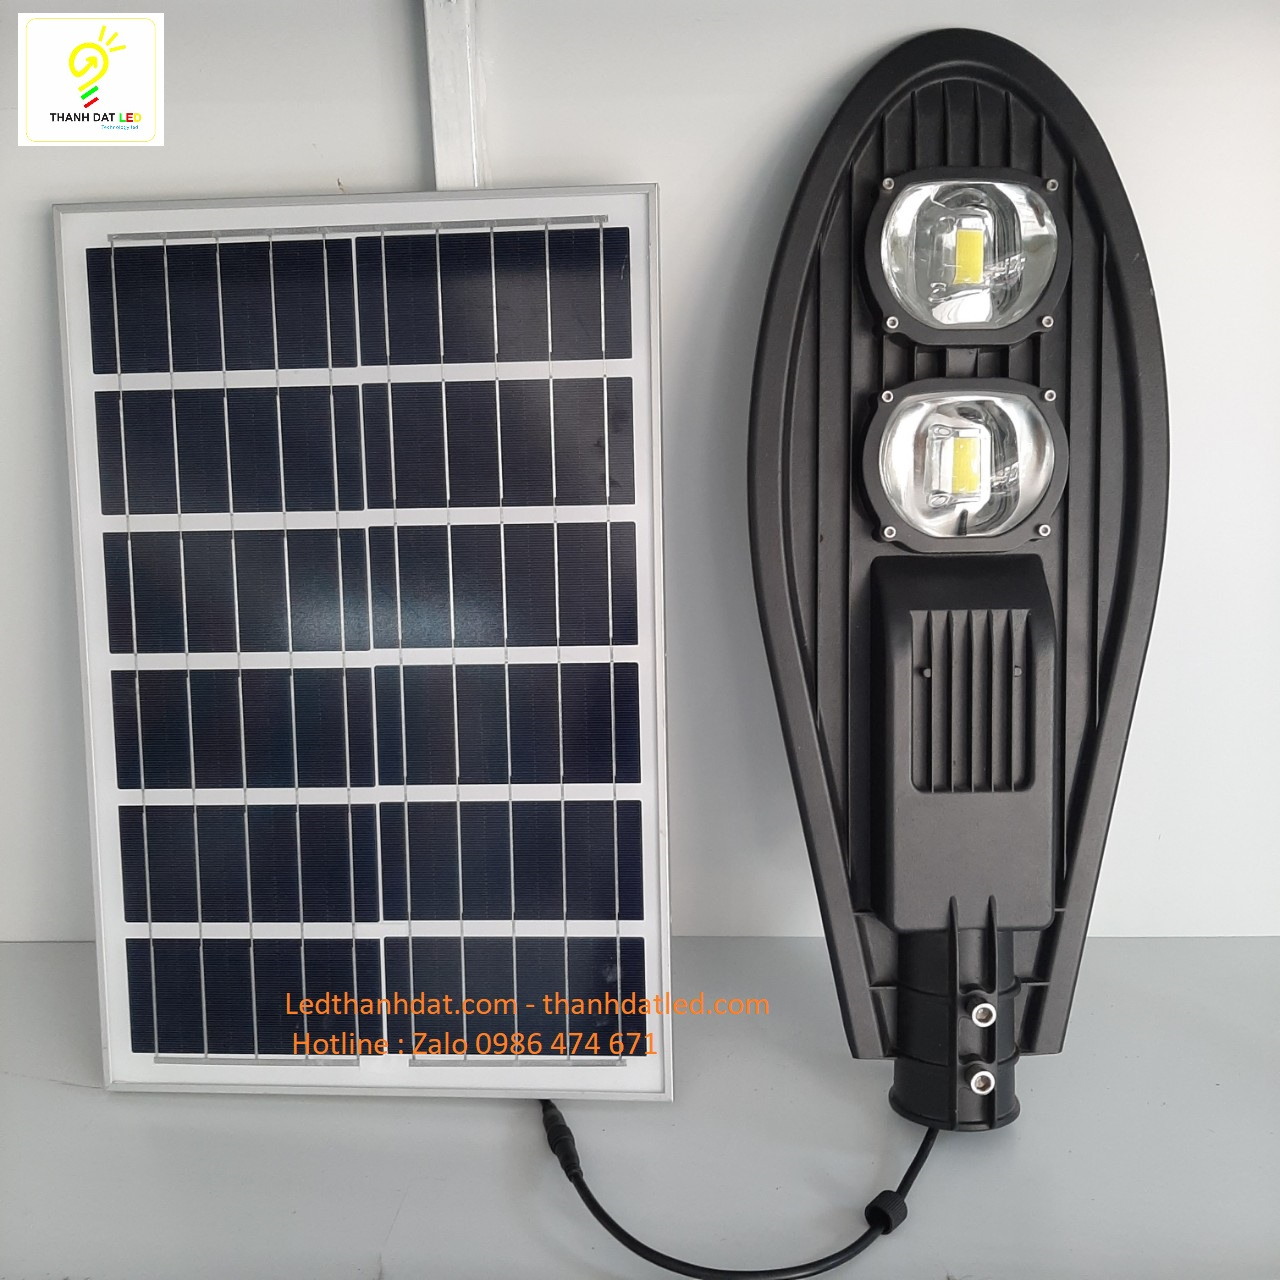 đèn đường lá năng lượng mặt trời 100w